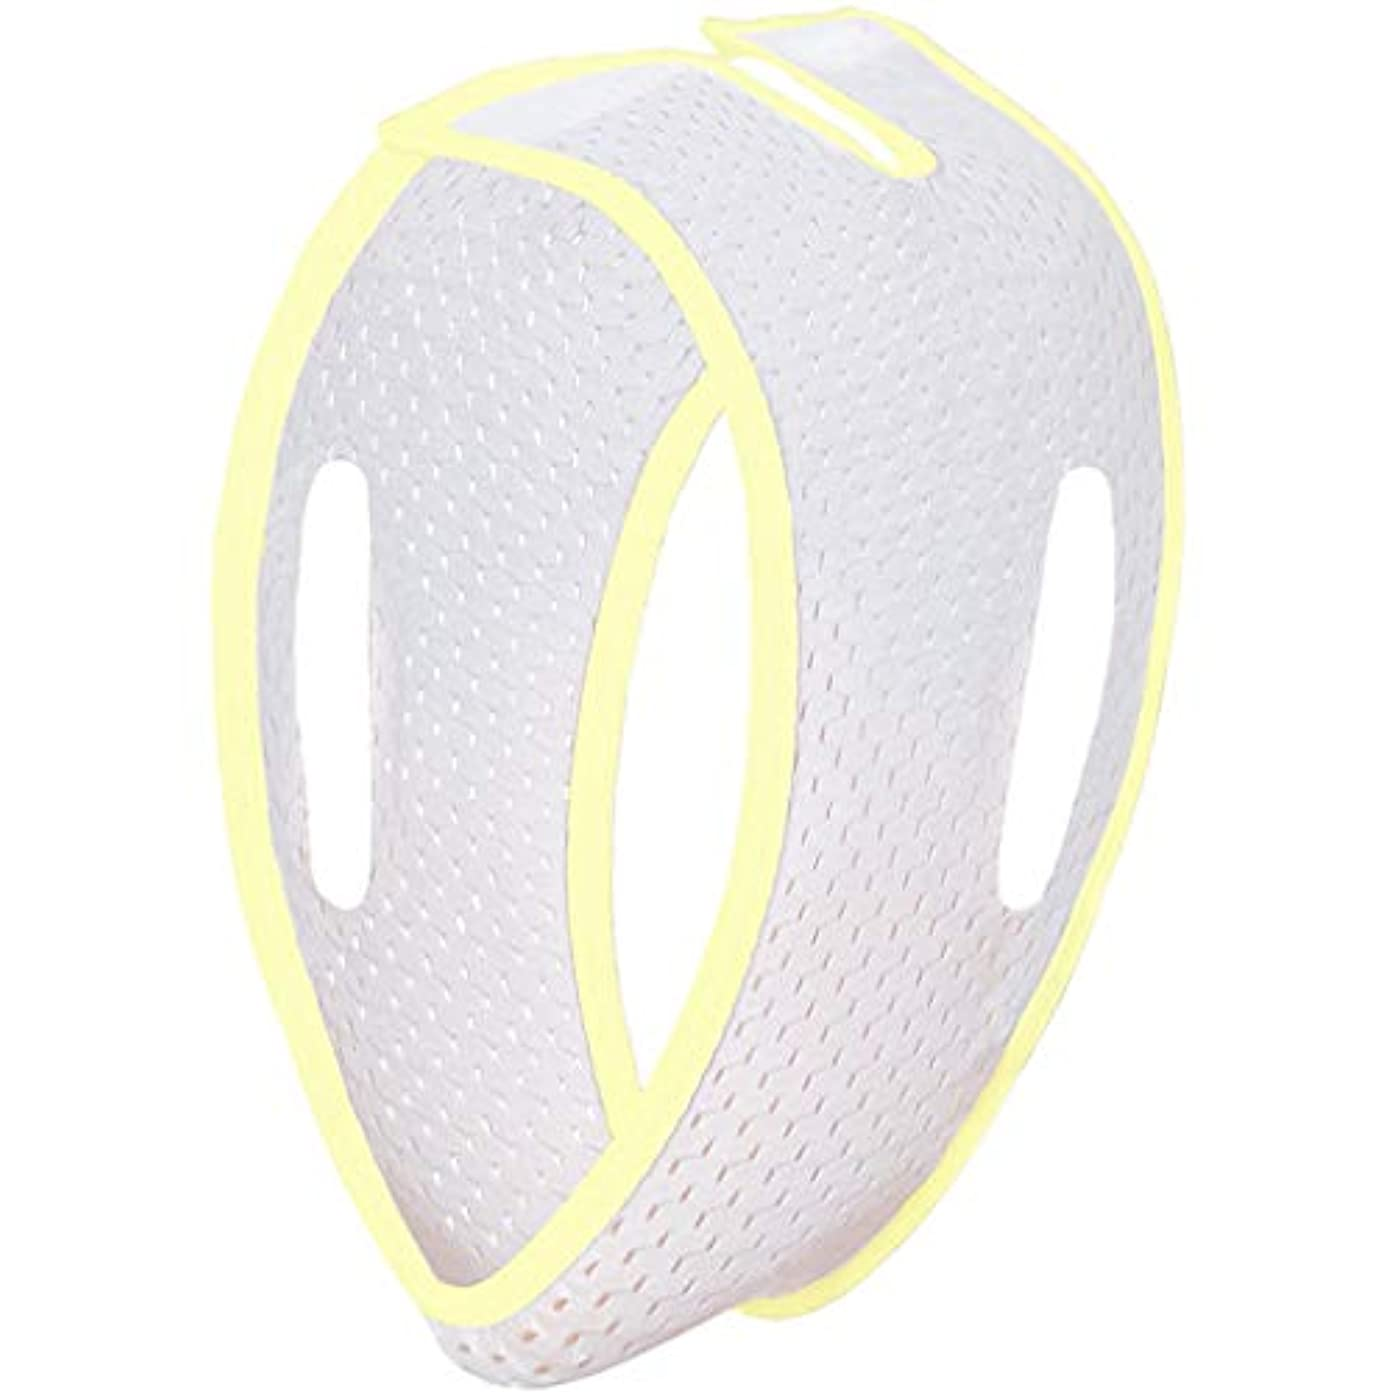 集団み境界CHSY 薄い顔ベルト、V顔薄い顔包帯超薄型アンチリンクルリフティングファーミングチン通気性マスク 薄い顔の包帯 (Color : White and Yellow)